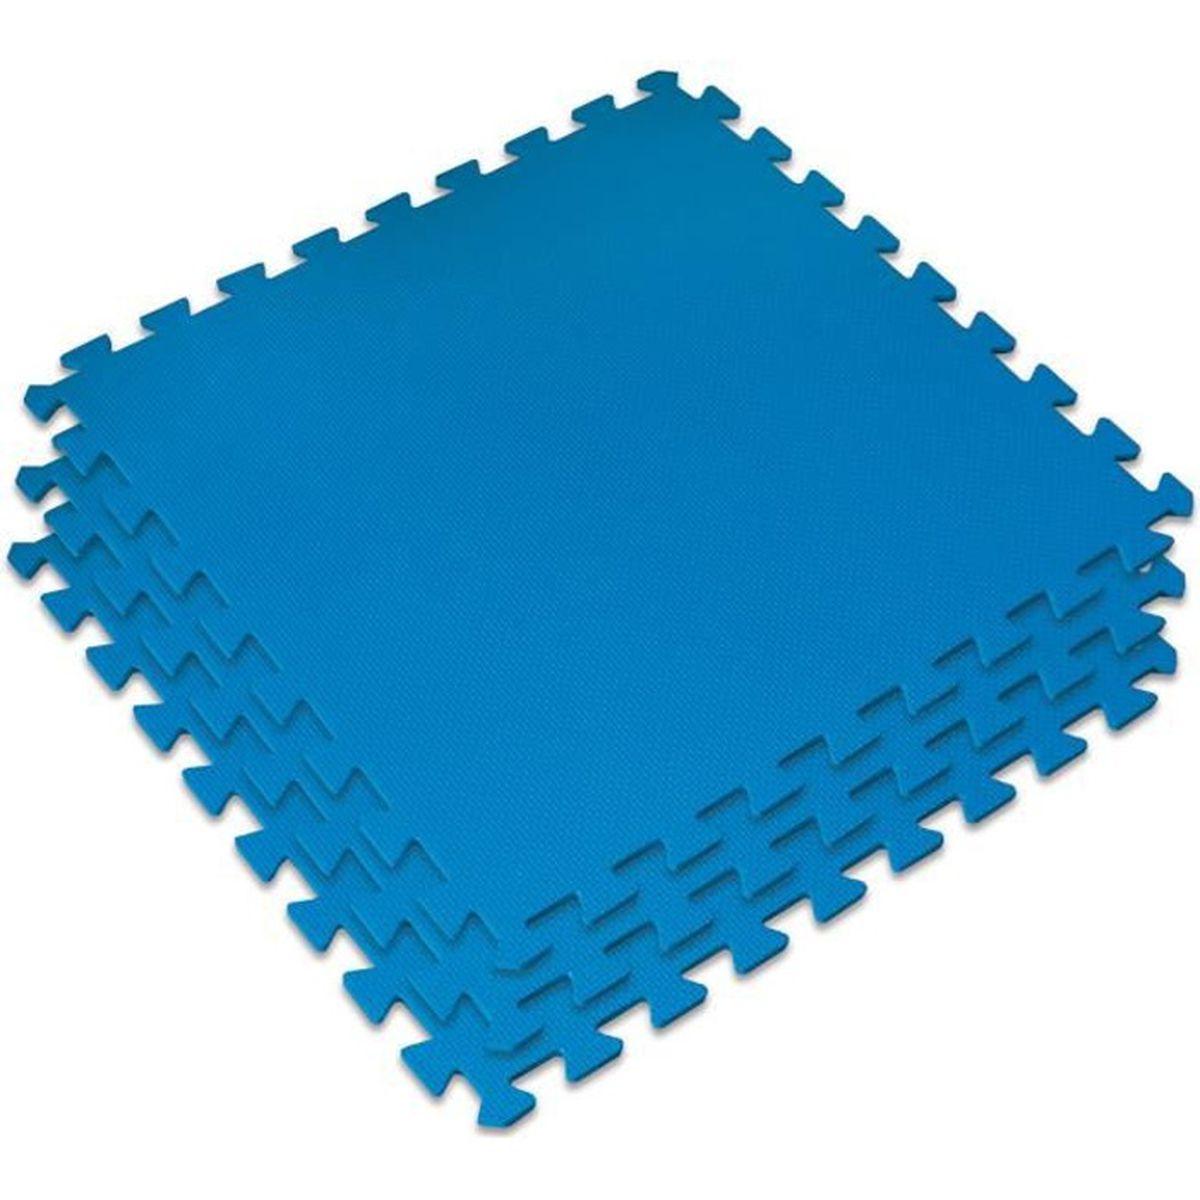 Dalle De Protection Piscine dalle de protection pour le sol kokido 60x60 cm (bleu